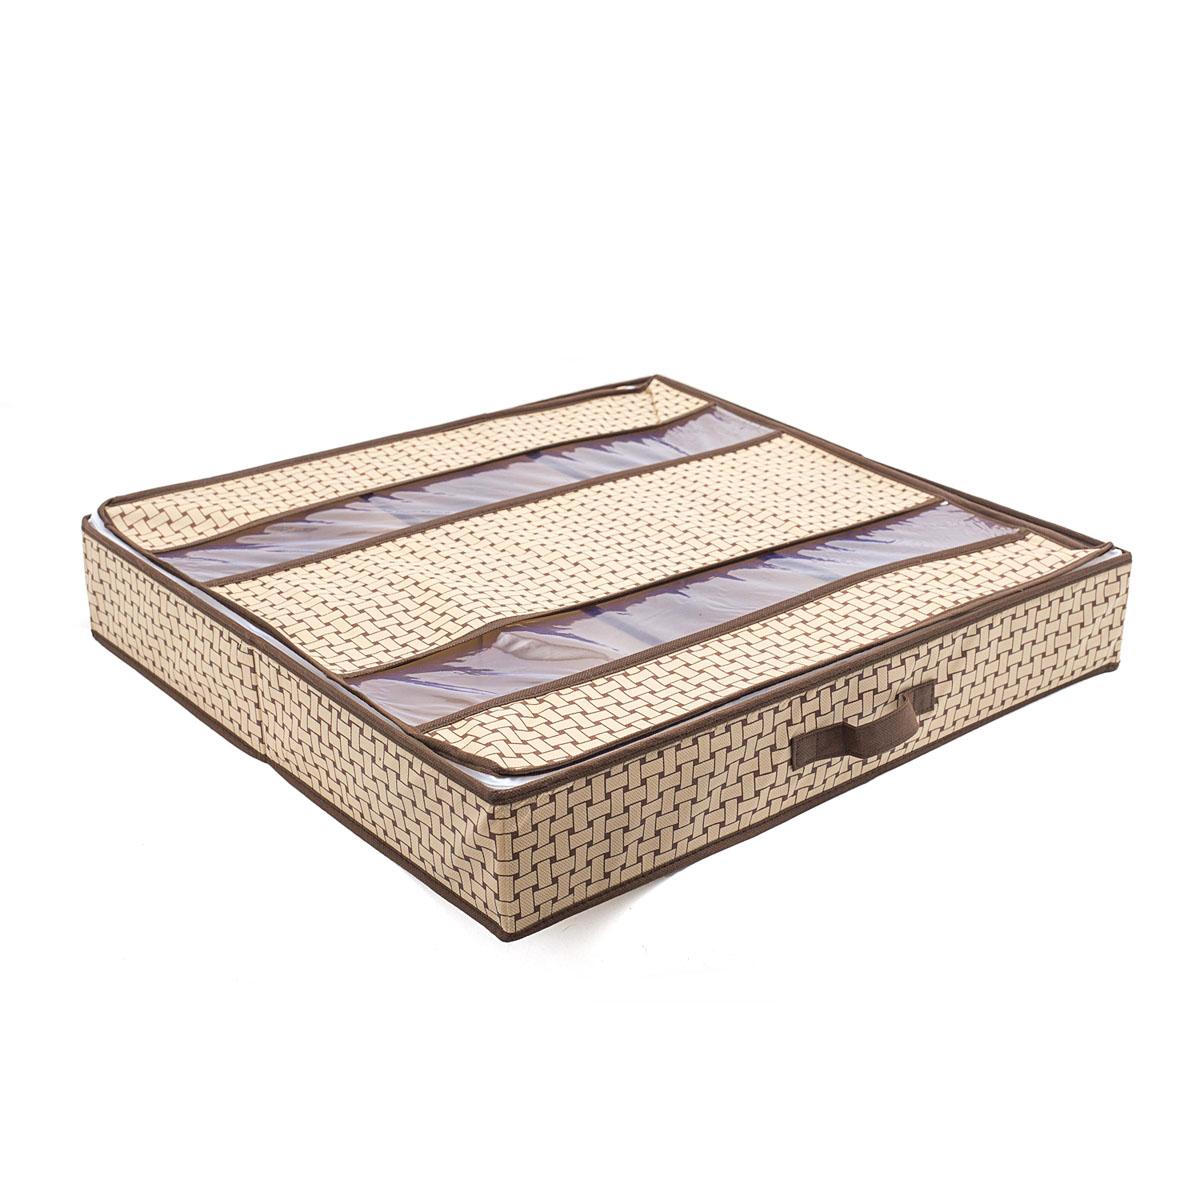 Органайзер для хранения обуви Homsu Pletenka, 6 секций, 66 х 63 х 11 смS03301004Компактный складной органайзер Homsu Pletenka изготовлен из высококачественного полиэстера, который обеспечивает естественную вентиляцию. Материал позволяет воздуху свободно проникать внутрь, но не пропускает пыль. Органайзер отлично держит форму, благодаря вставкам из плотного картона. Изделие имеет 6 секций для хранения обуви.Такой органайзер позволит вам хранить вещи компактно и удобно. Размер секции: 20 х 32 см.